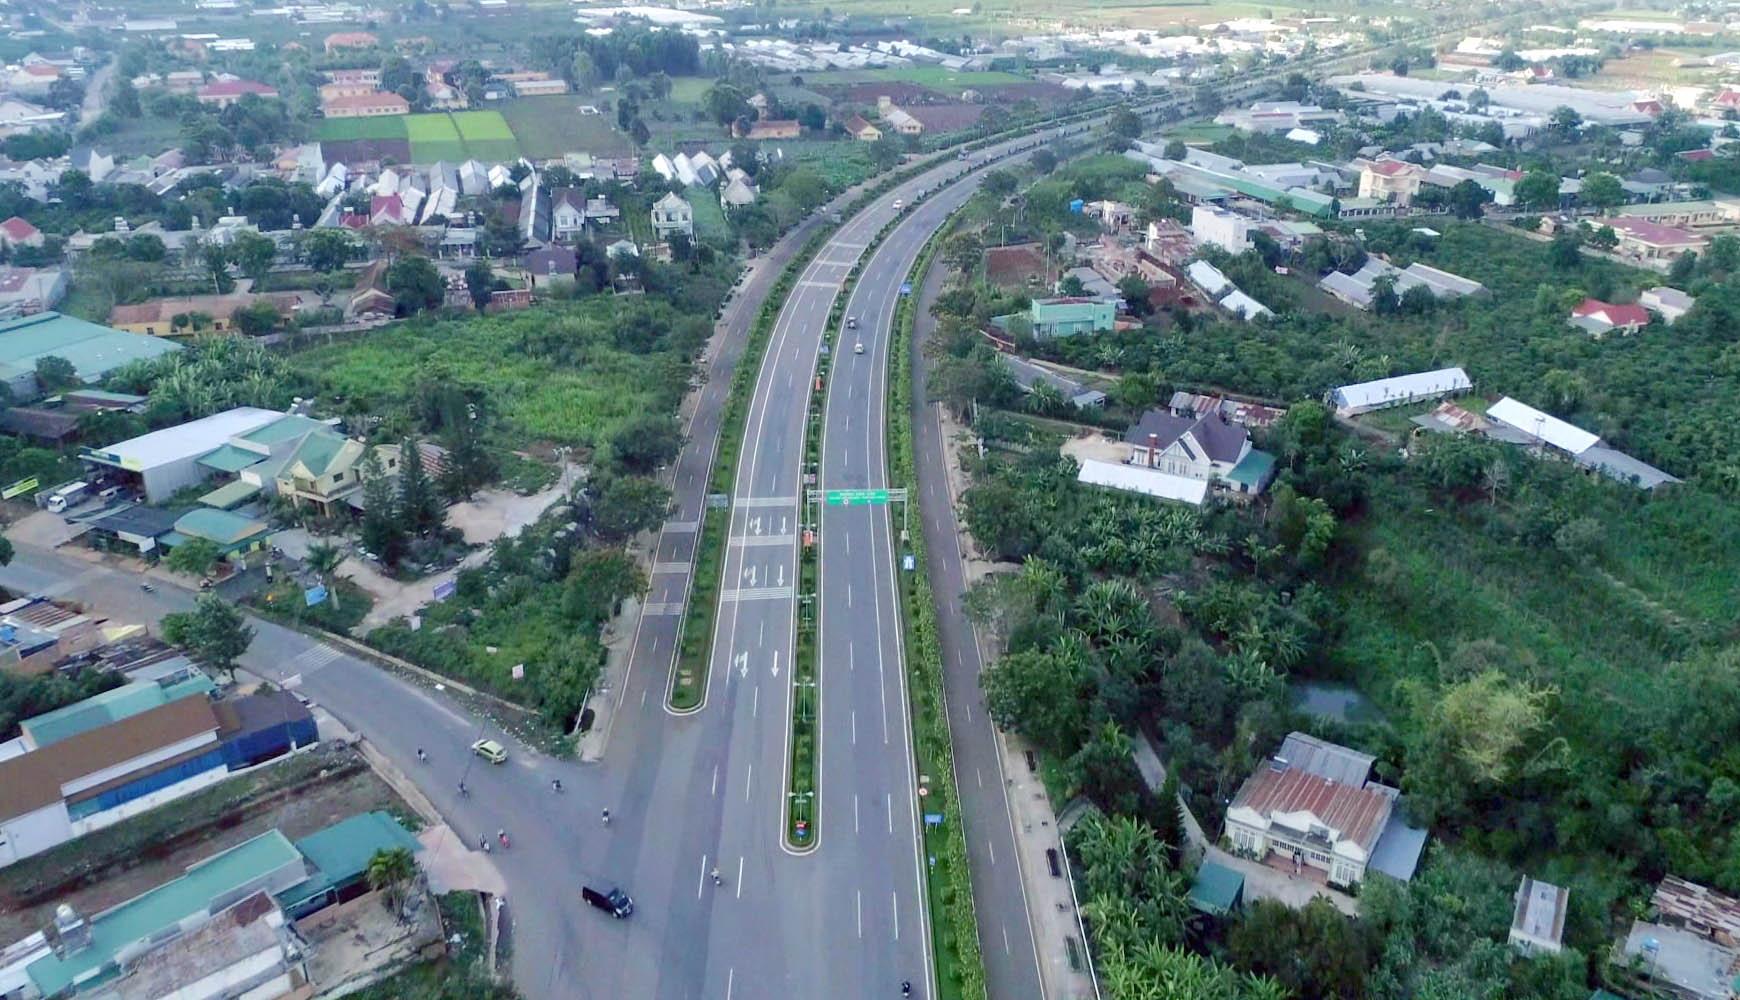 Tuyến đường cao tốc Liên Khương - Đà Lạt chạy qua Đức Trọng.